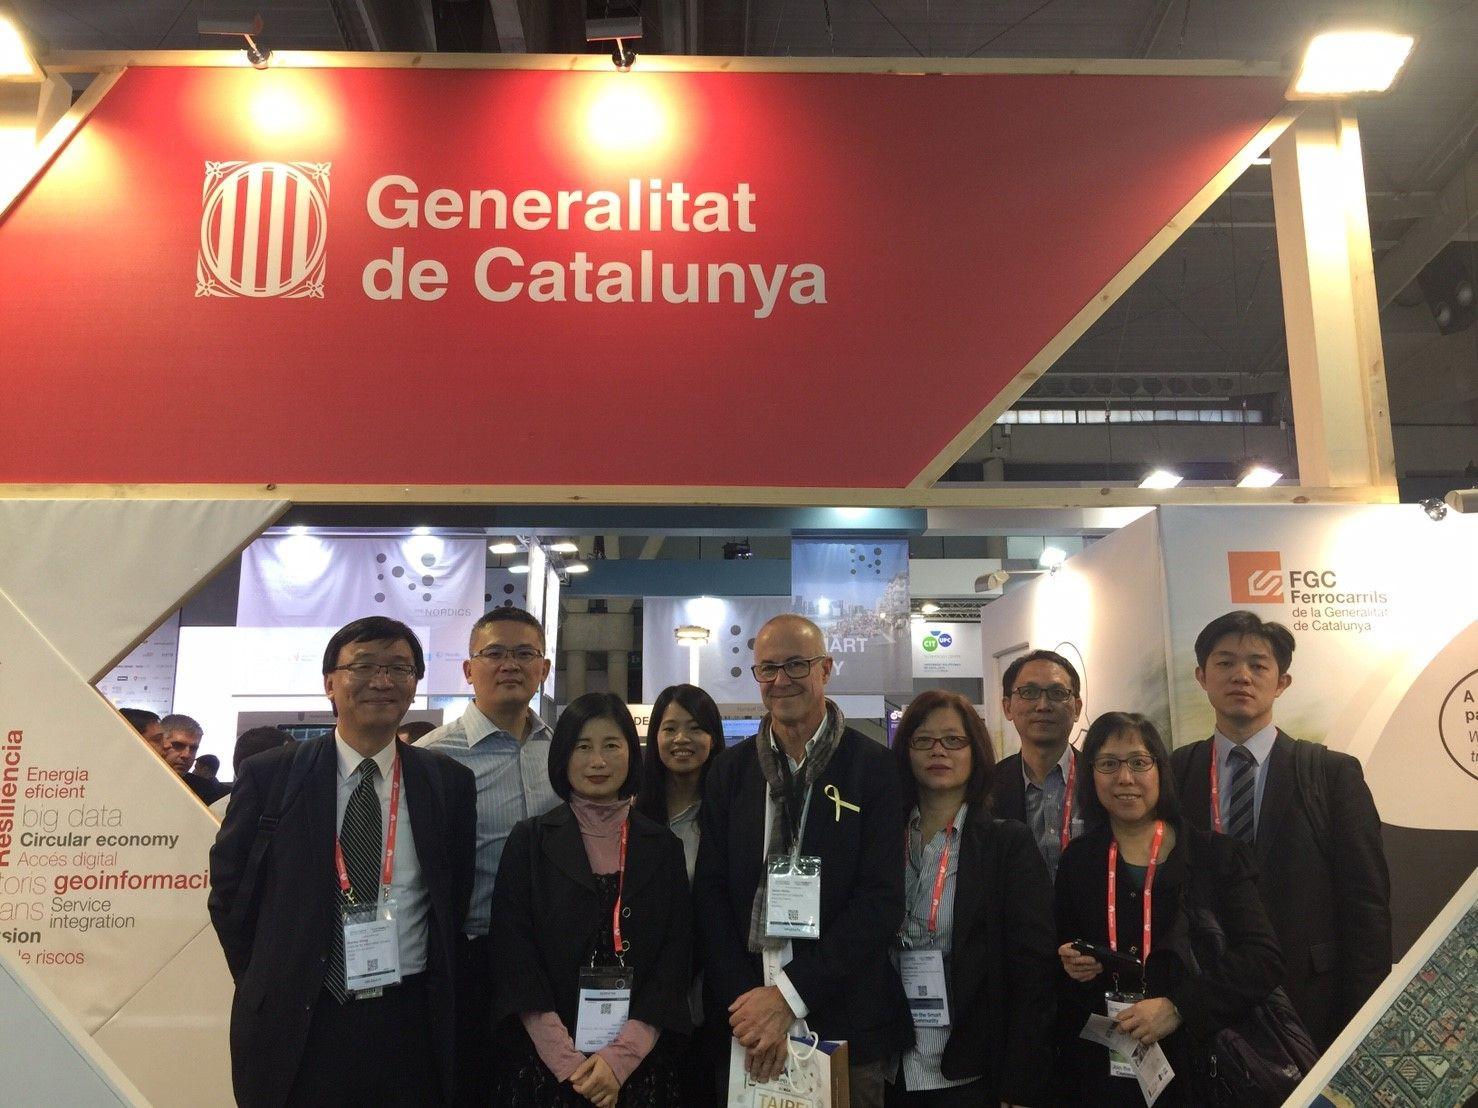 圖說:台北市政府資訊局陳慧敏主任秘書(前排左二)與台灣商務團,於盛會中與加泰隆尼亞團隊代表合影。